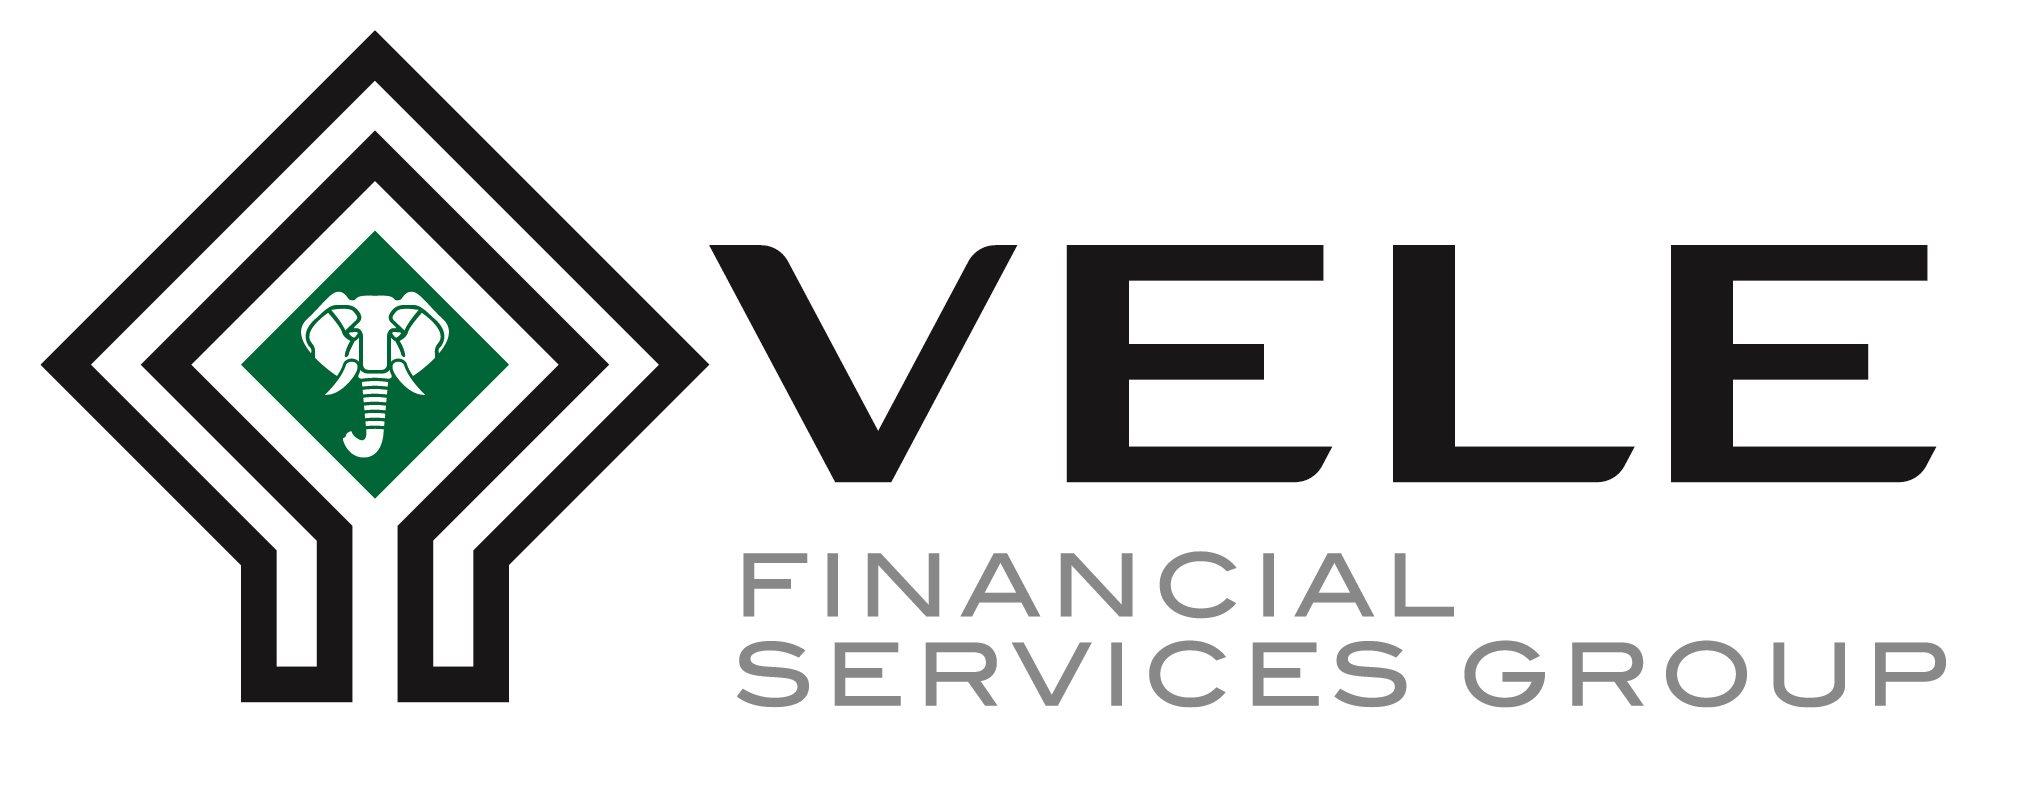 Mvunonala Holdings